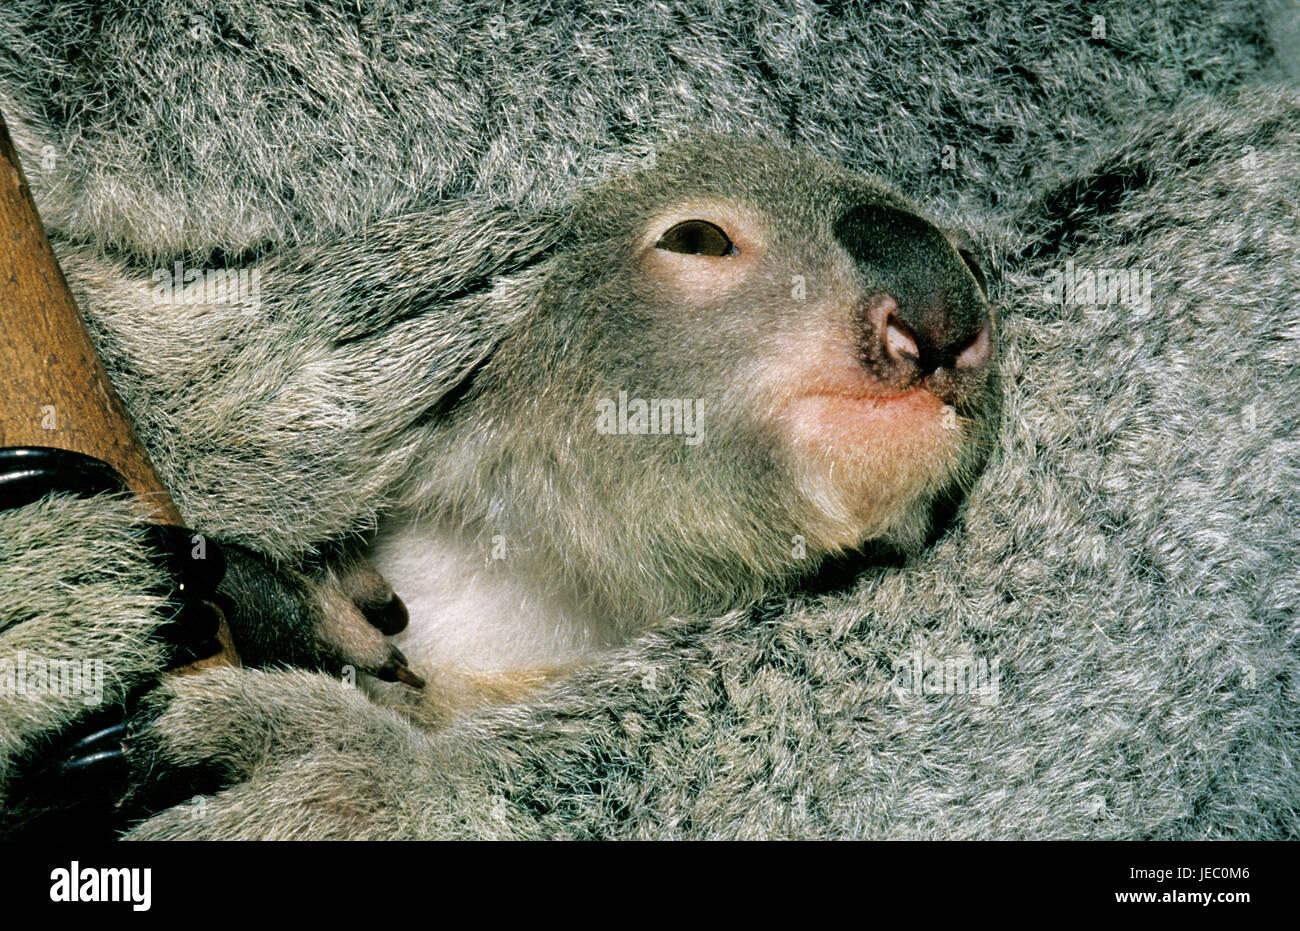 Los koalas, Phascolarctos cinereus, joven animal, cabeza, fur, mediana de cerca, Australia Imagen De Stock